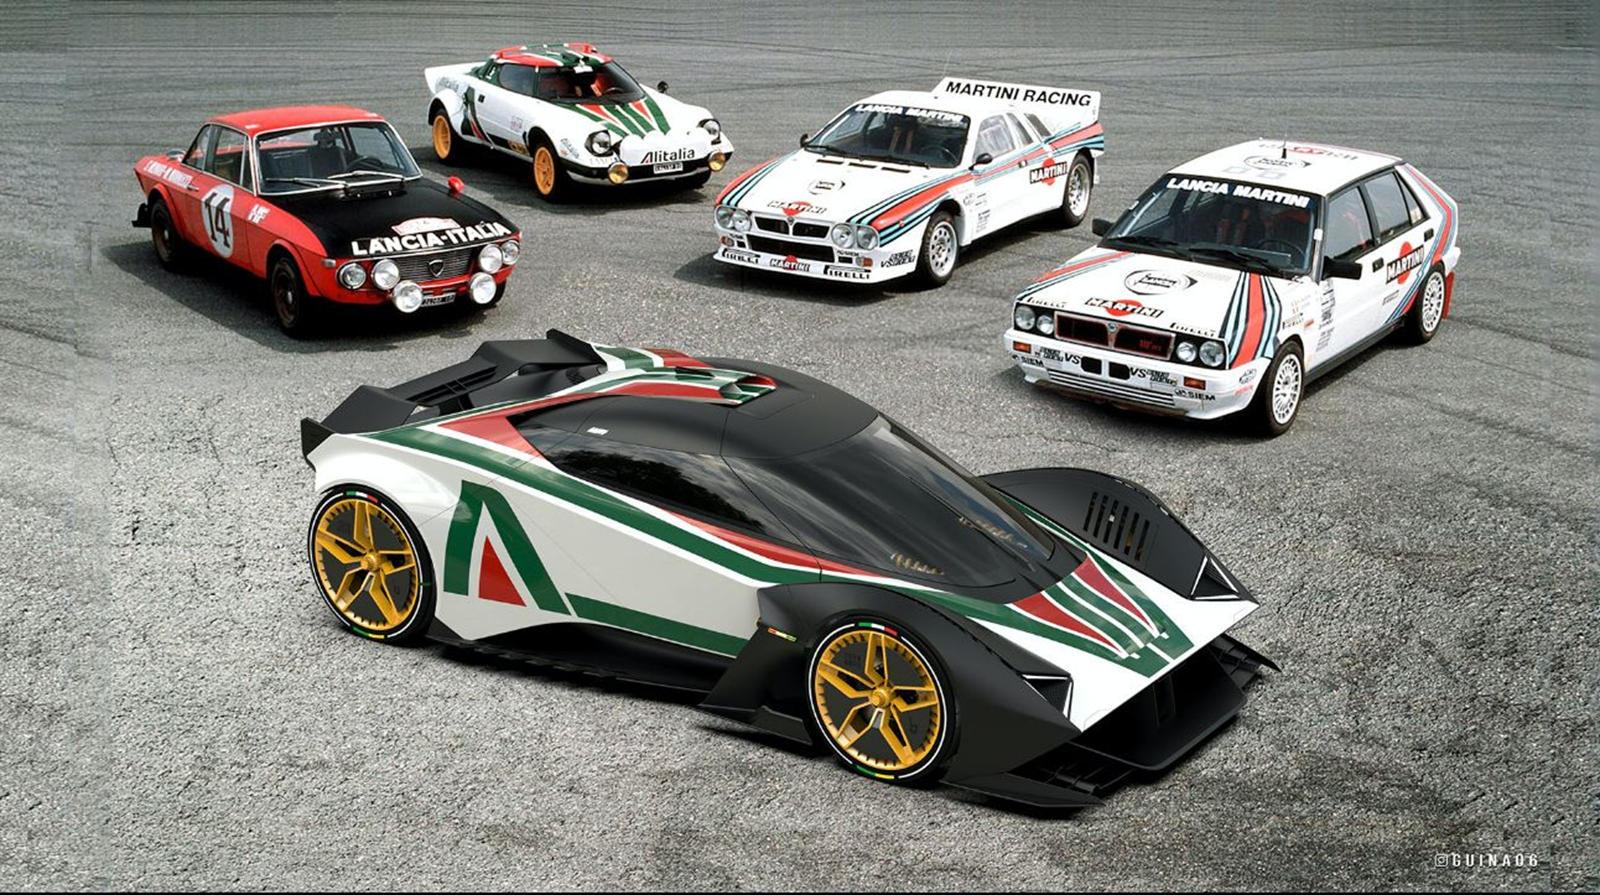 Были попытки модернизировать Delta и Stratos для 21 века с запуском New Stratos на базе Ferrari F430 от Manifattura Automobili Torino и Lancia Delta Futurista, но ни один из этих проектов не был одобрен Lancia. Поскольку Lancia не планирует возрождат